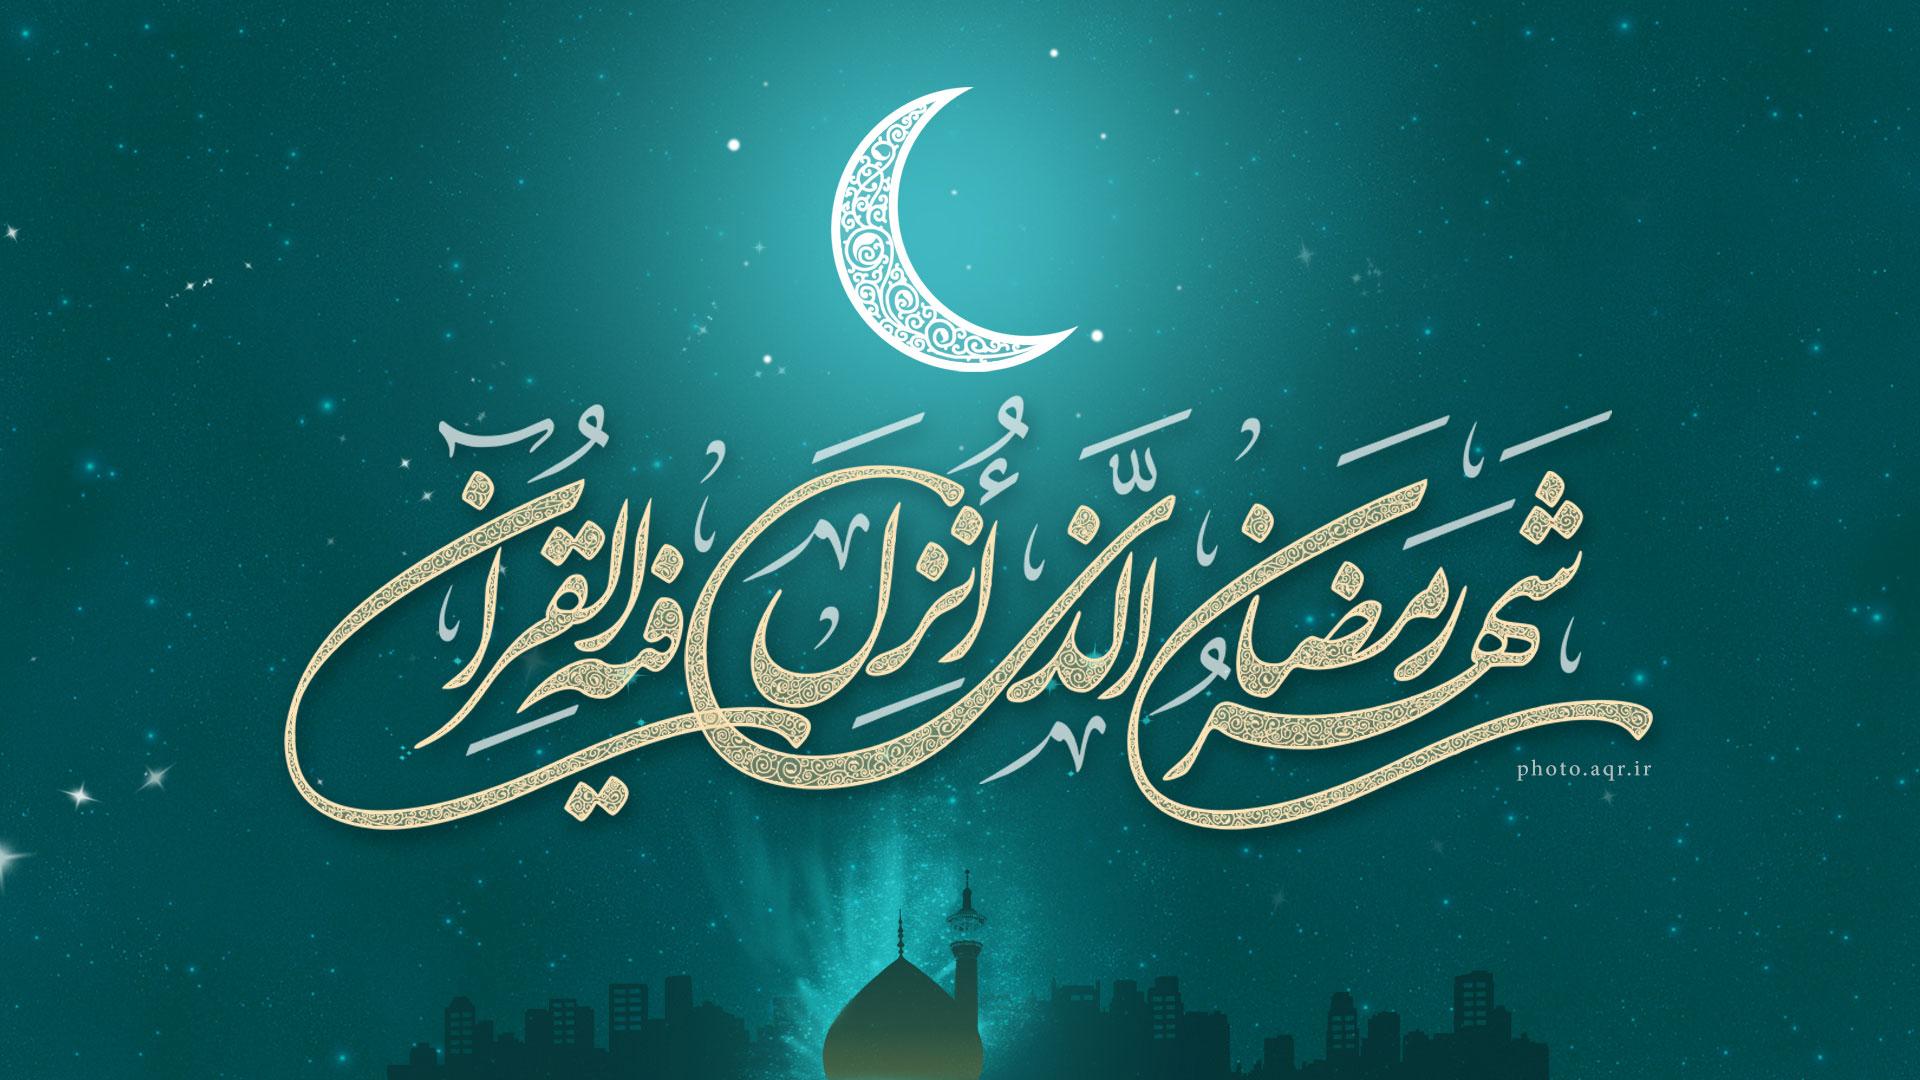 مناجات ماه مبارک رمضان یاربی